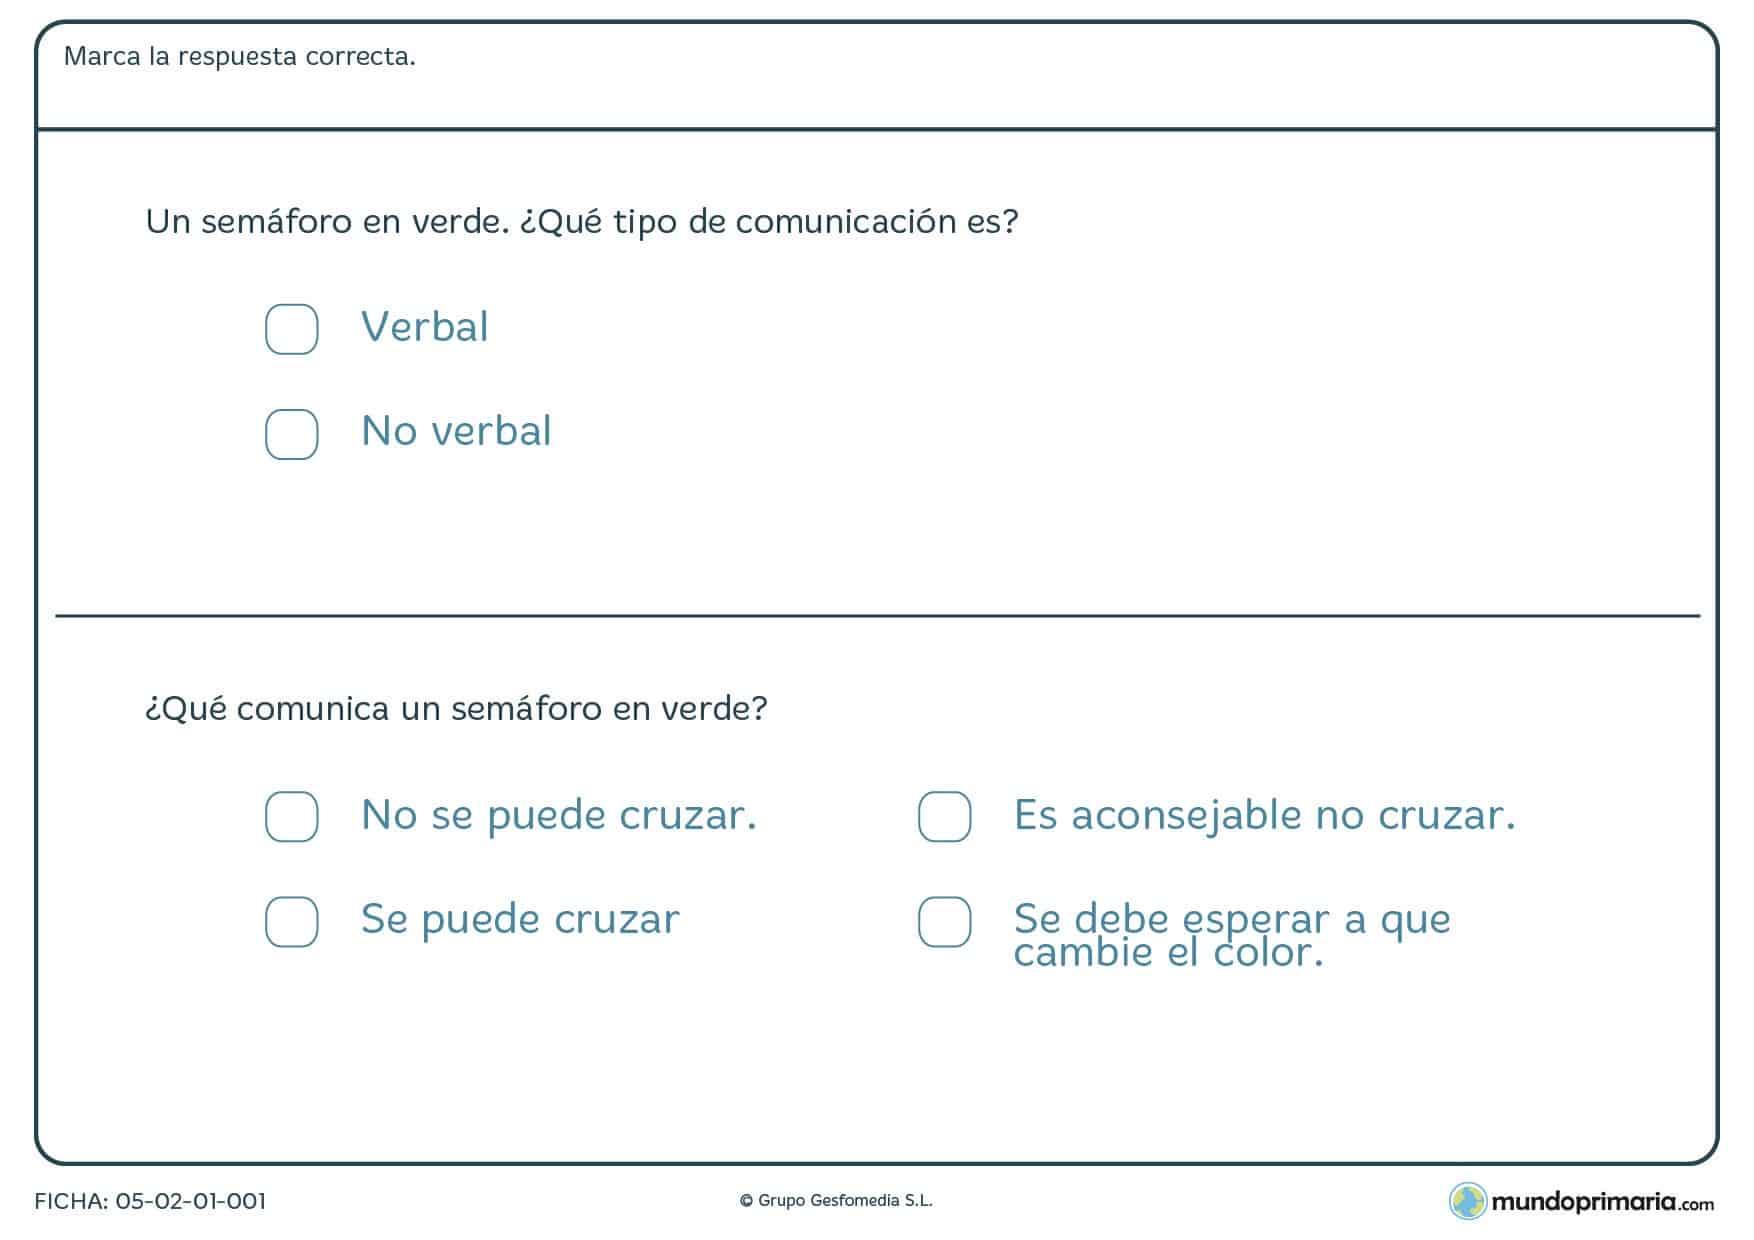 Ficha de tipos de comunicación en la que tienes que marcar si es o no verbal el ejemplo que te presentamos.